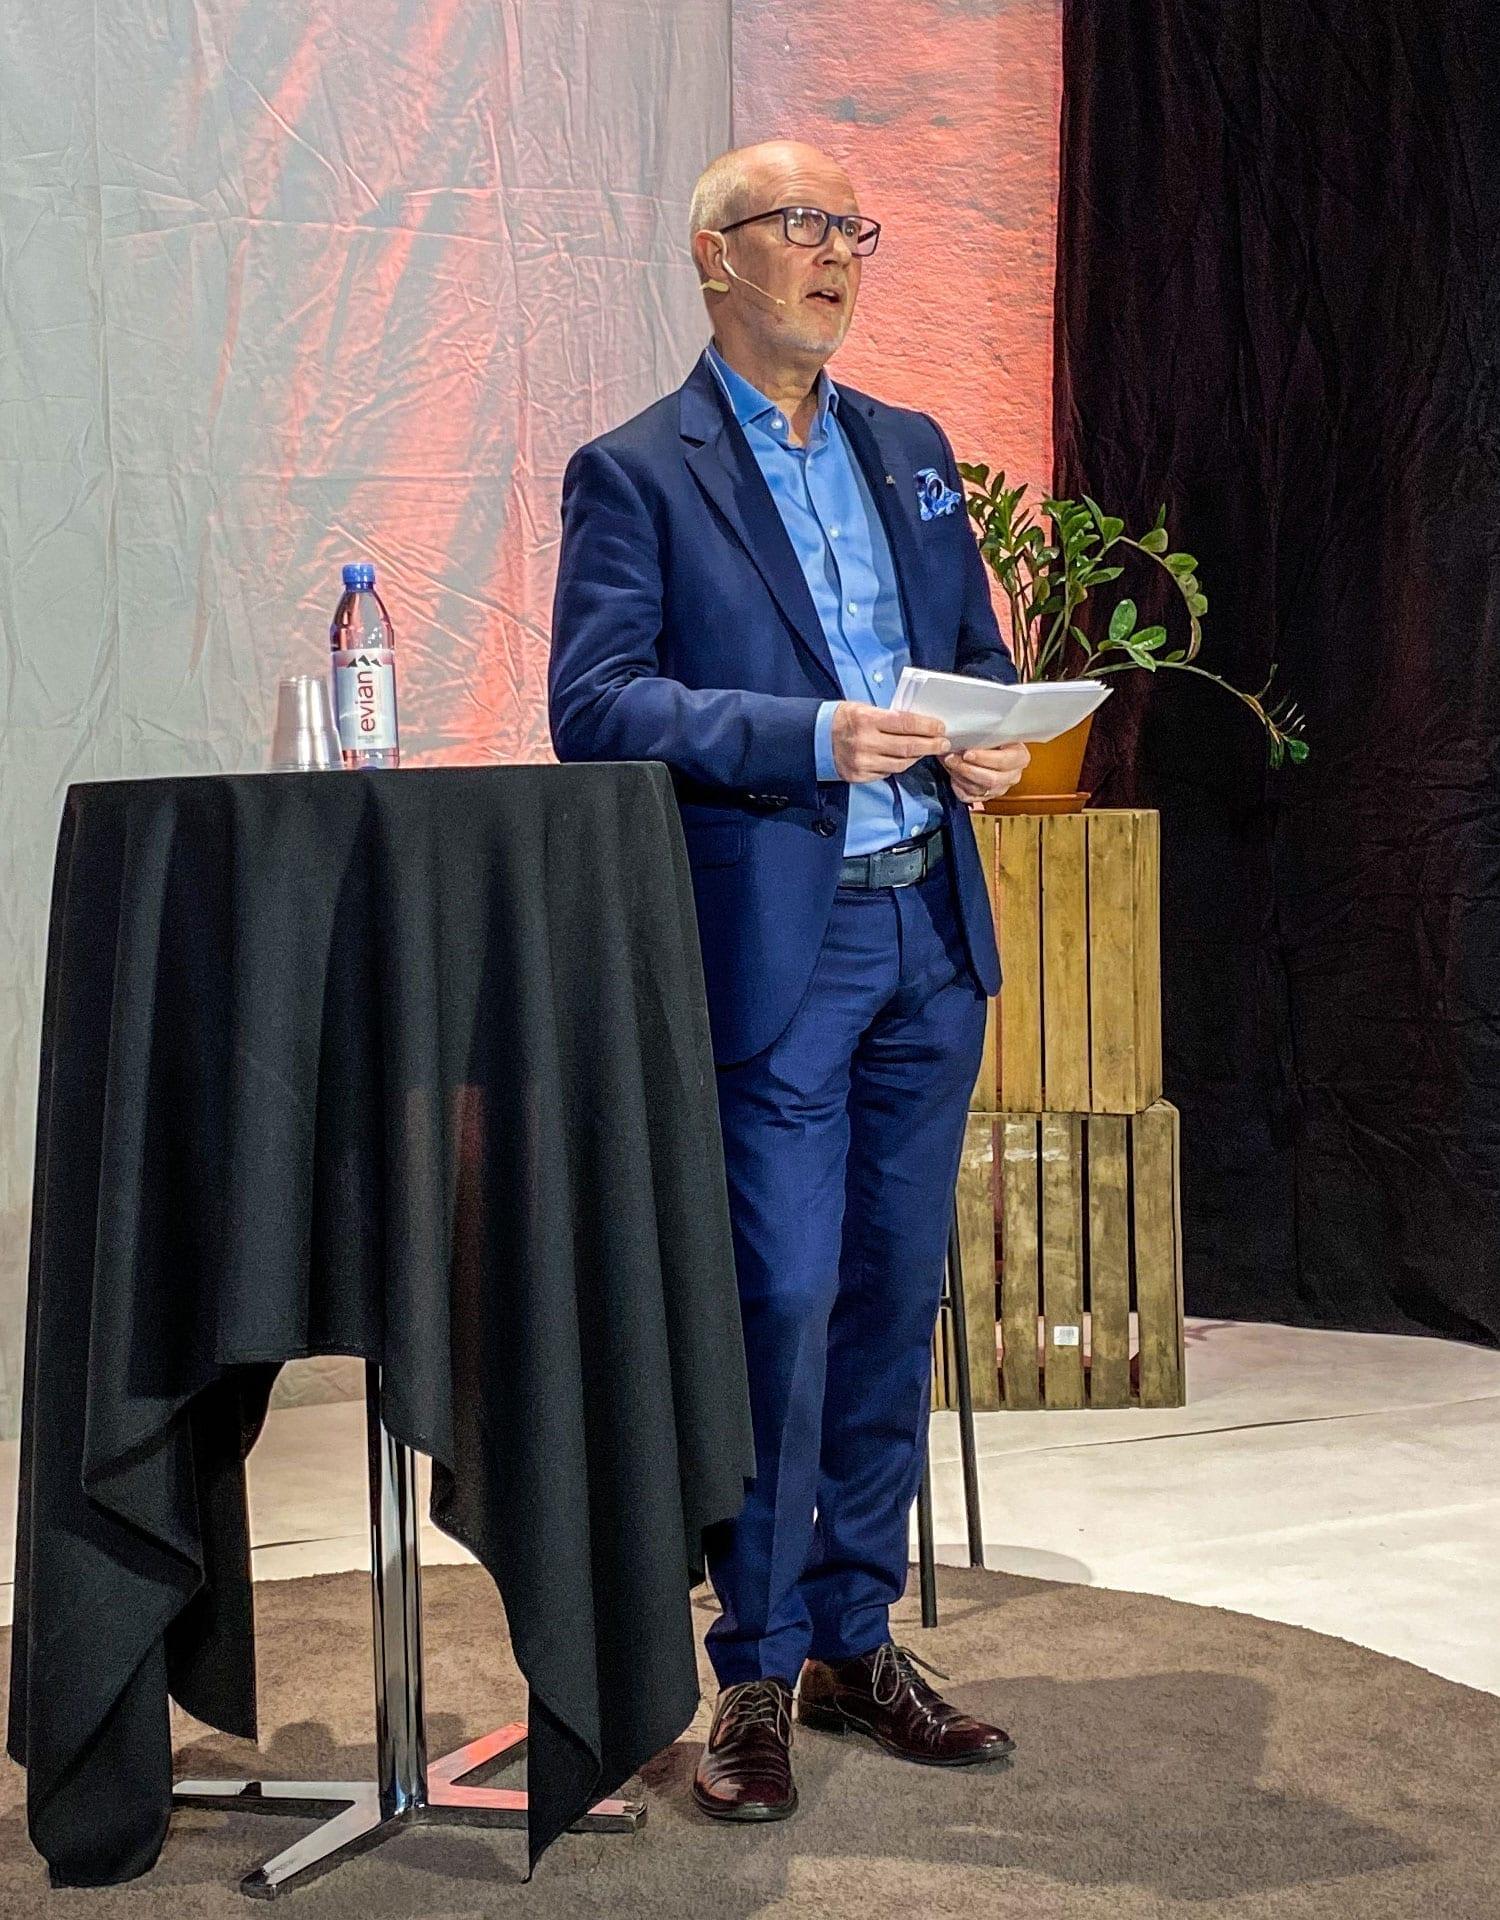 Mats Gerdau